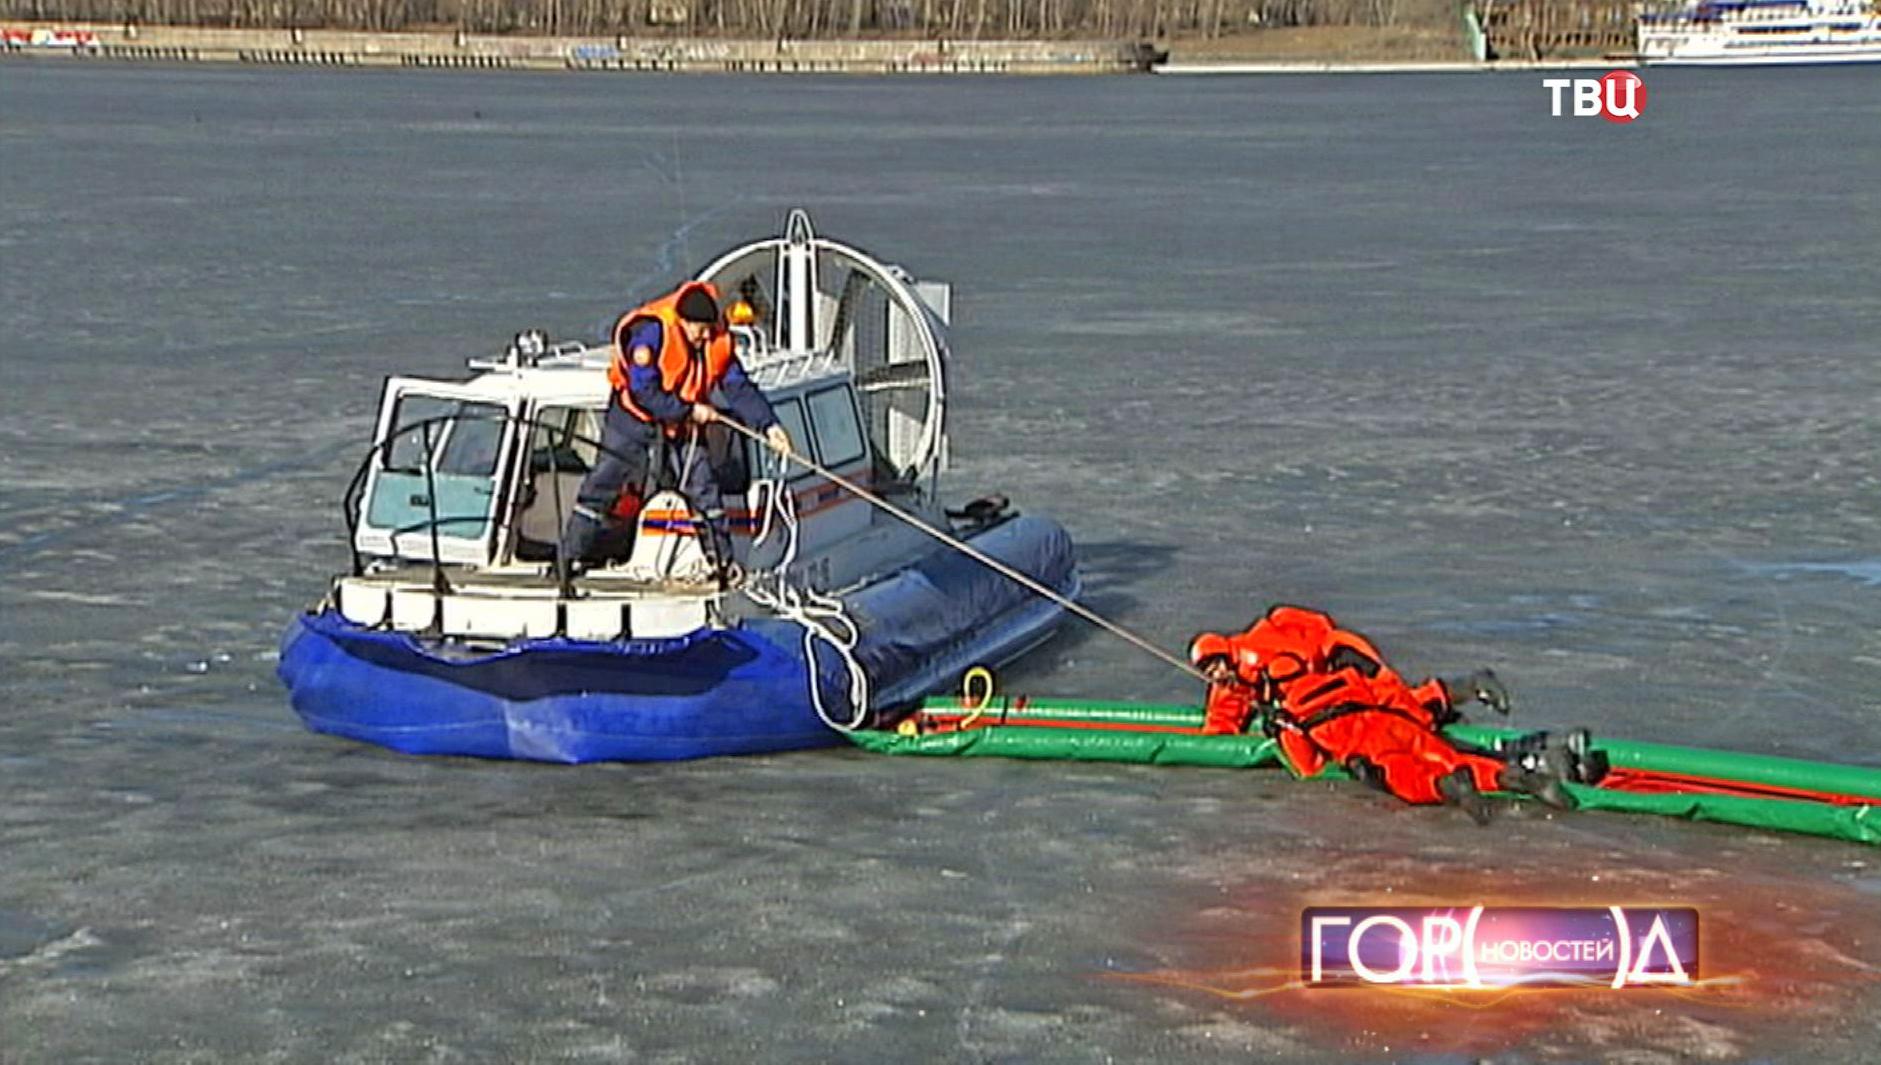 Спасатели МЧС демонстрируют спасение утопающего